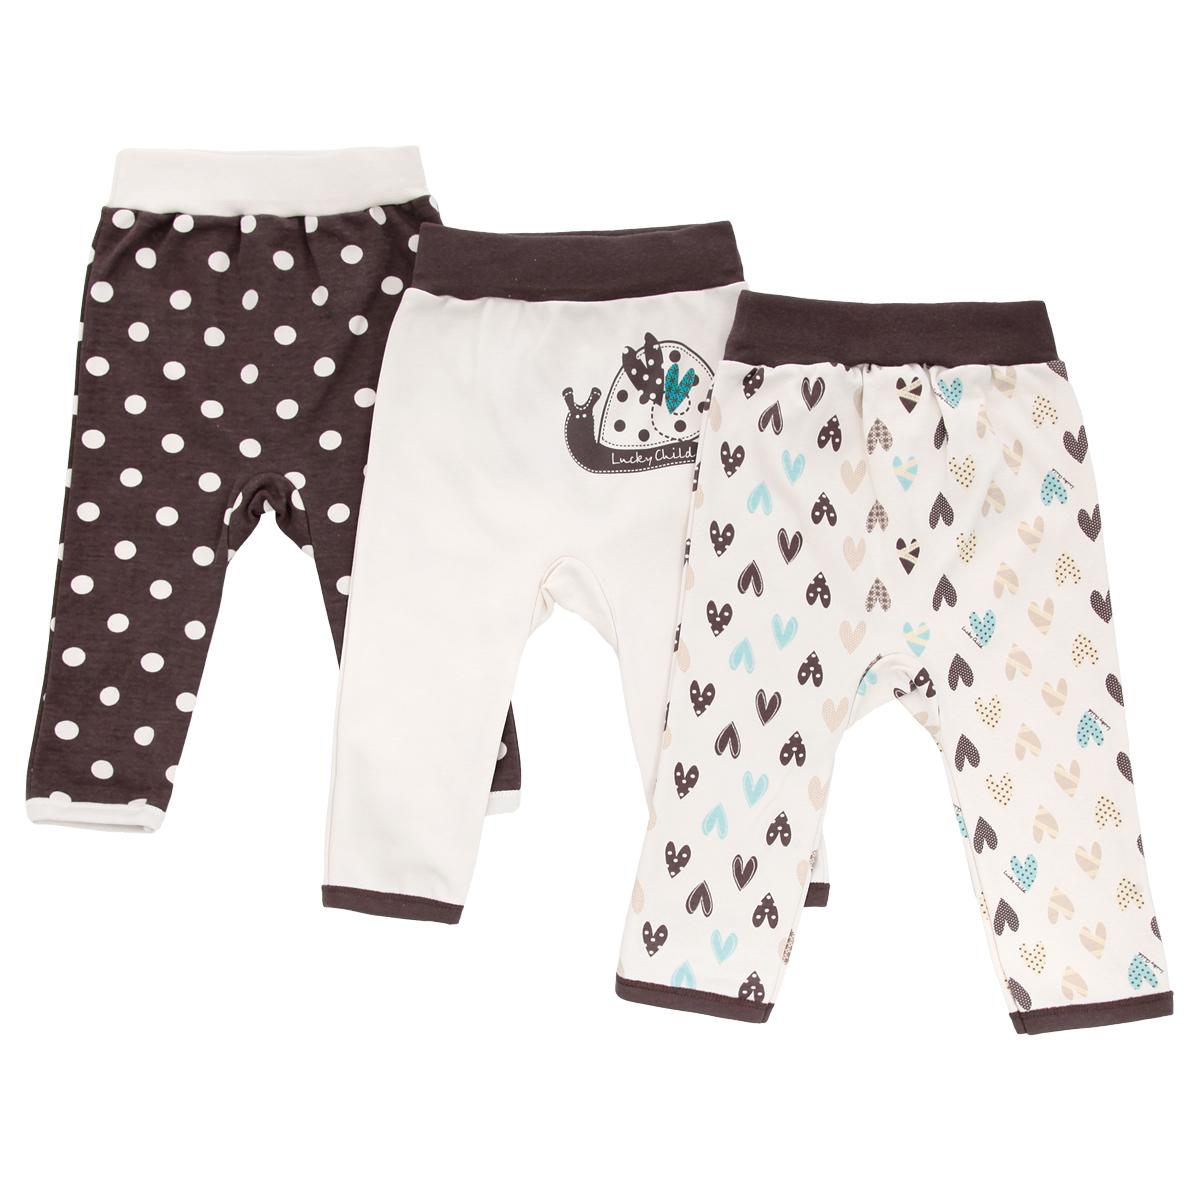 Штанишки30-139Удобные штанишки для новорожденного Lucky Child Улитки на широком поясе послужат идеальным дополнением к гардеробу вашего ребенка. Штанишки, изготовленные из интерлока - натурального хлопка, необычайно мягкие и легкие, не раздражают нежную кожу ребенка и хорошо вентилируются, а эластичные швы приятны телу младенца и не препятствуют его движениям. Штанишки, благодаря мягкому эластичному поясу не сдавливают животик ребенка и не сползают, обеспечивая ему наибольший комфорт, идеально подходят для ношения с подгузником и без него. В комплект входят трое штанишек разной расцветки, оформленные оригинальным ненавязчивым принтом: гороховым принтом, принтом с изображением сердечек, а также принтом с изображением улитки. Также штанишки украшены небольшой нашивкой с названием бренда. Штанишки очень удобный и практичный вид одежды для малышей, которые уже немного подросли. Отлично сочетаются с футболками, кофточками и боди. В таких штанишках вашему ребенку будет уютно и...